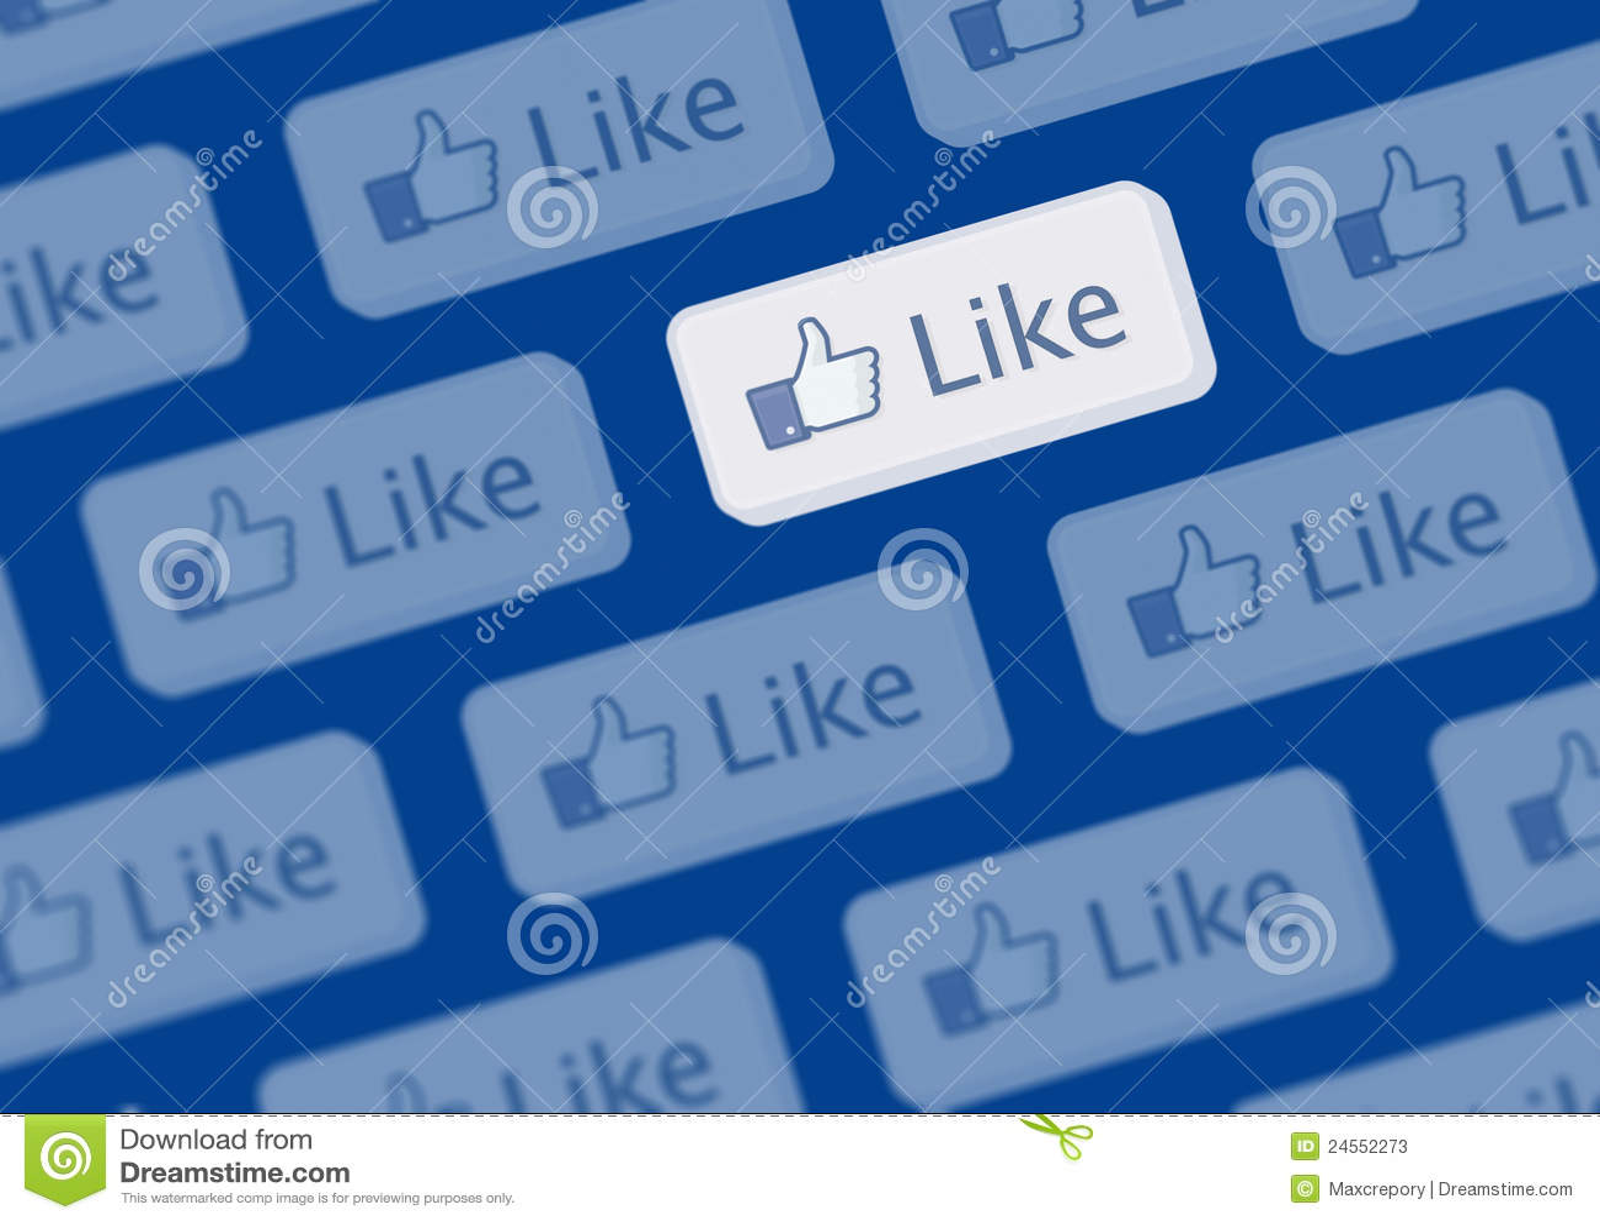 Come la parete di marchio di Facebook